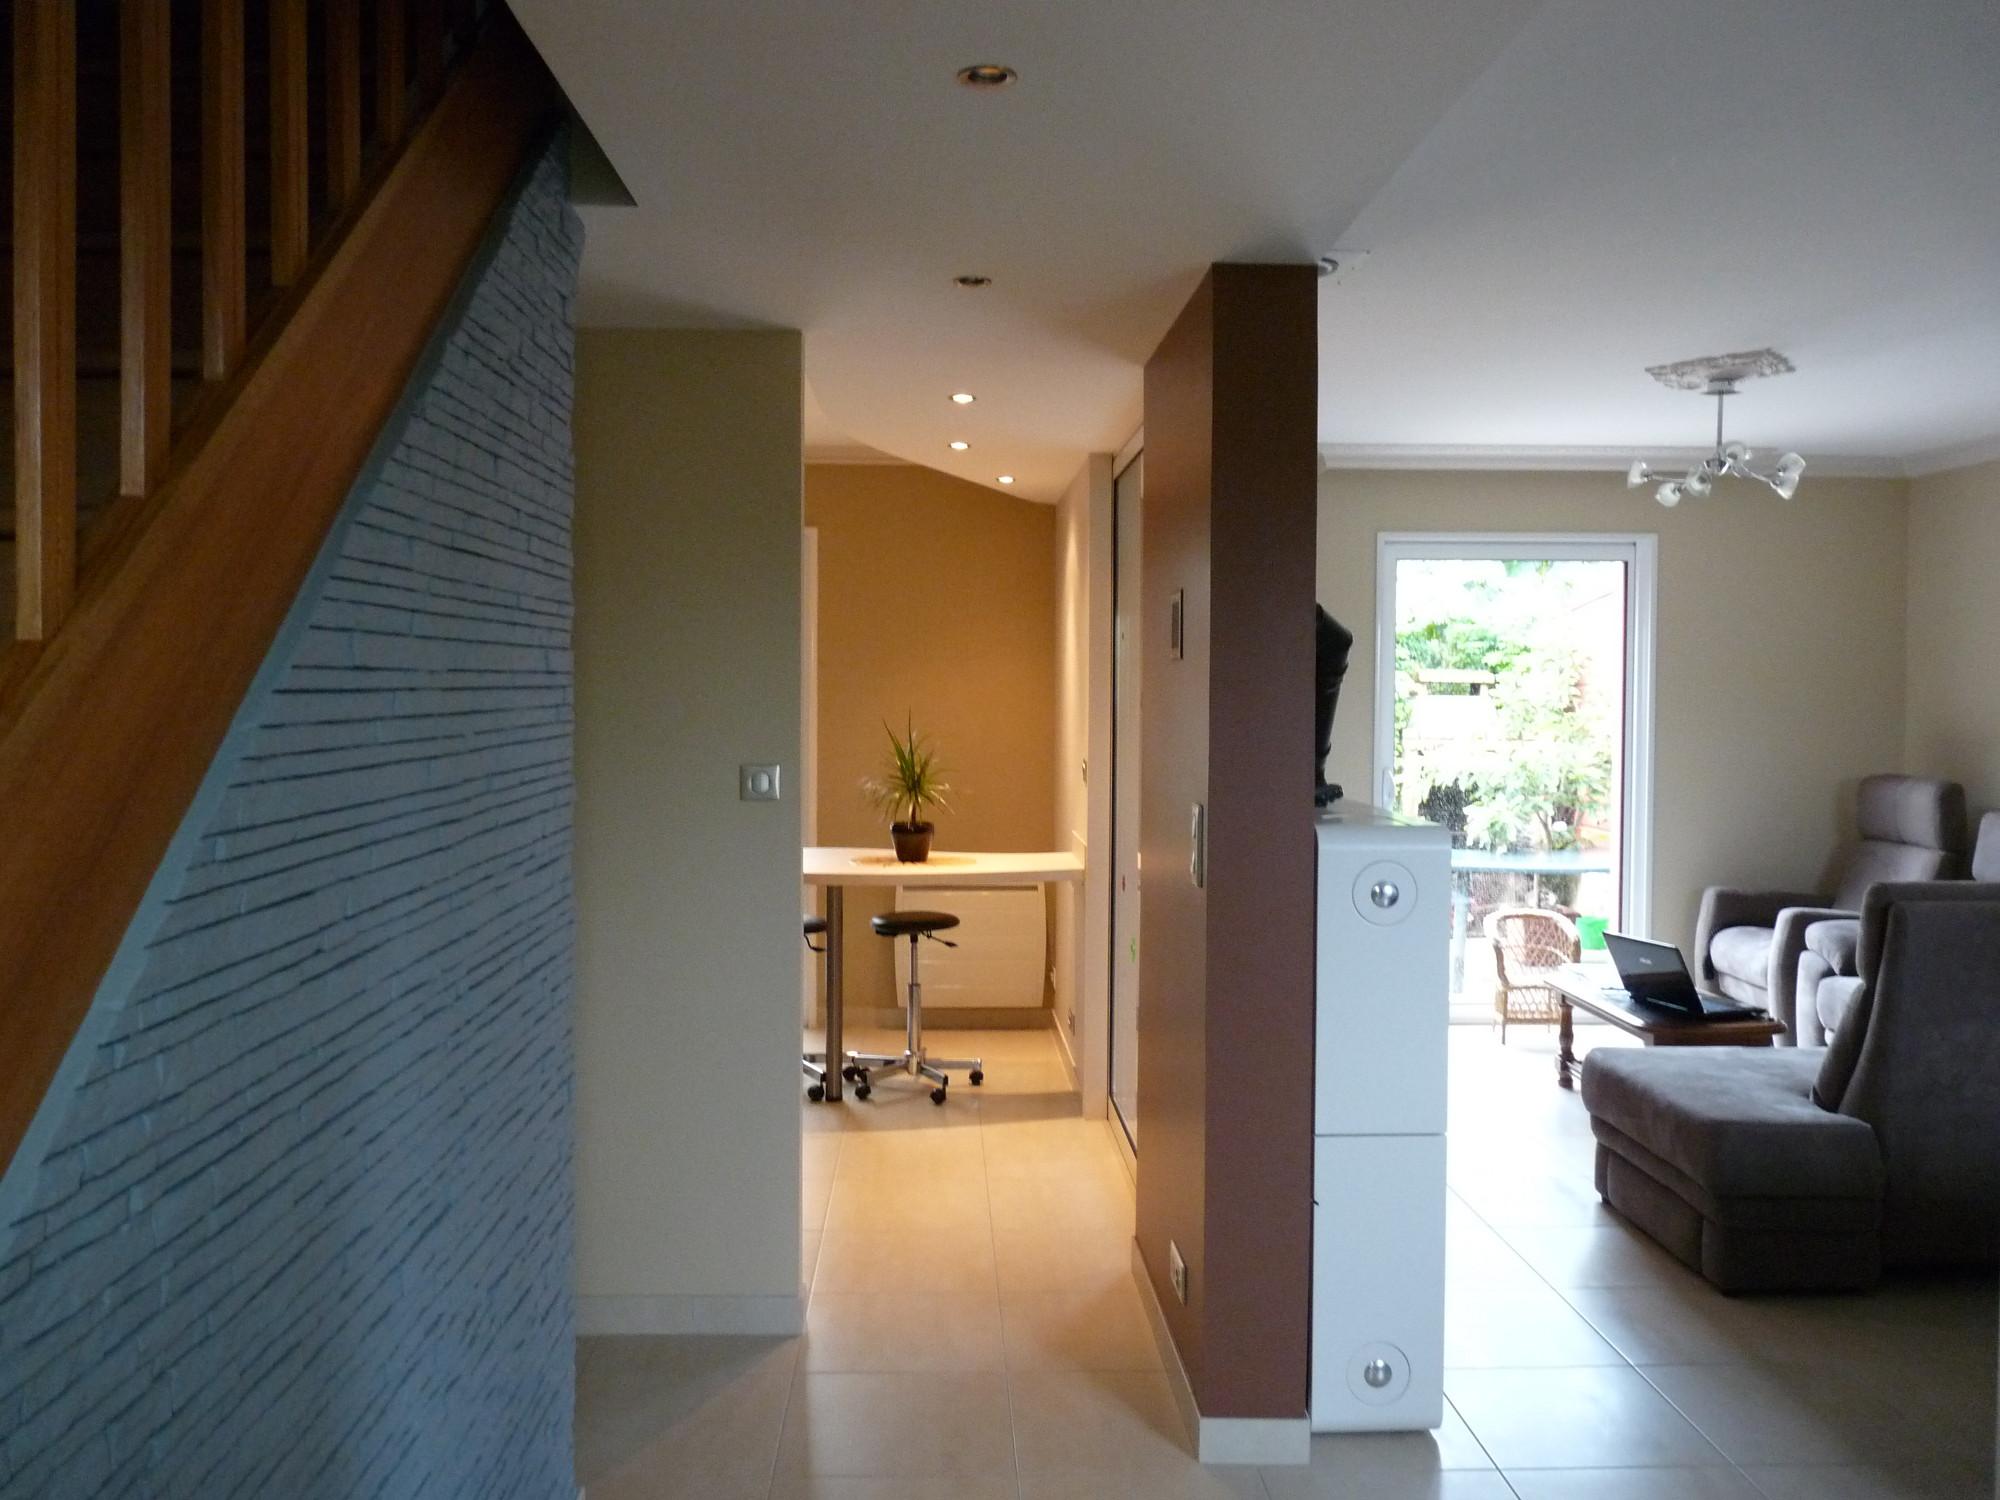 Maison chesnais architecture int rieure conseil d co for Architecture interieure maison